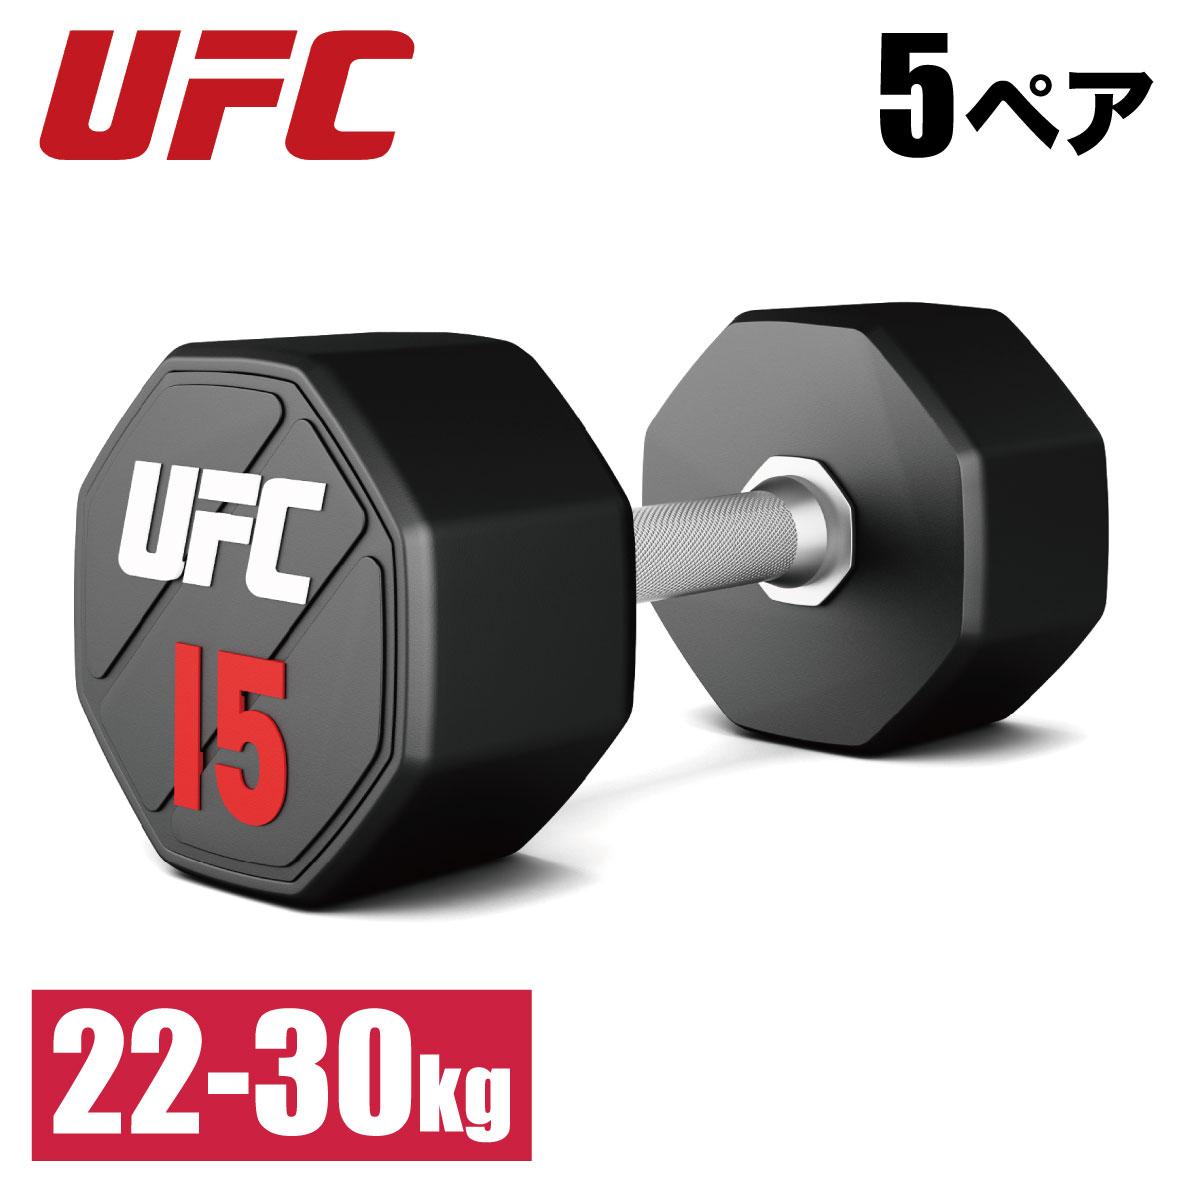 ウレタンダンベル ダンベル アレー 5ペアセット UFC 総合格闘技 フリーウエイト トレーニング 22kgから30kg 筋トレ ホームジム 業務用 家庭用 オフィシャル UFC-DBPU-8302